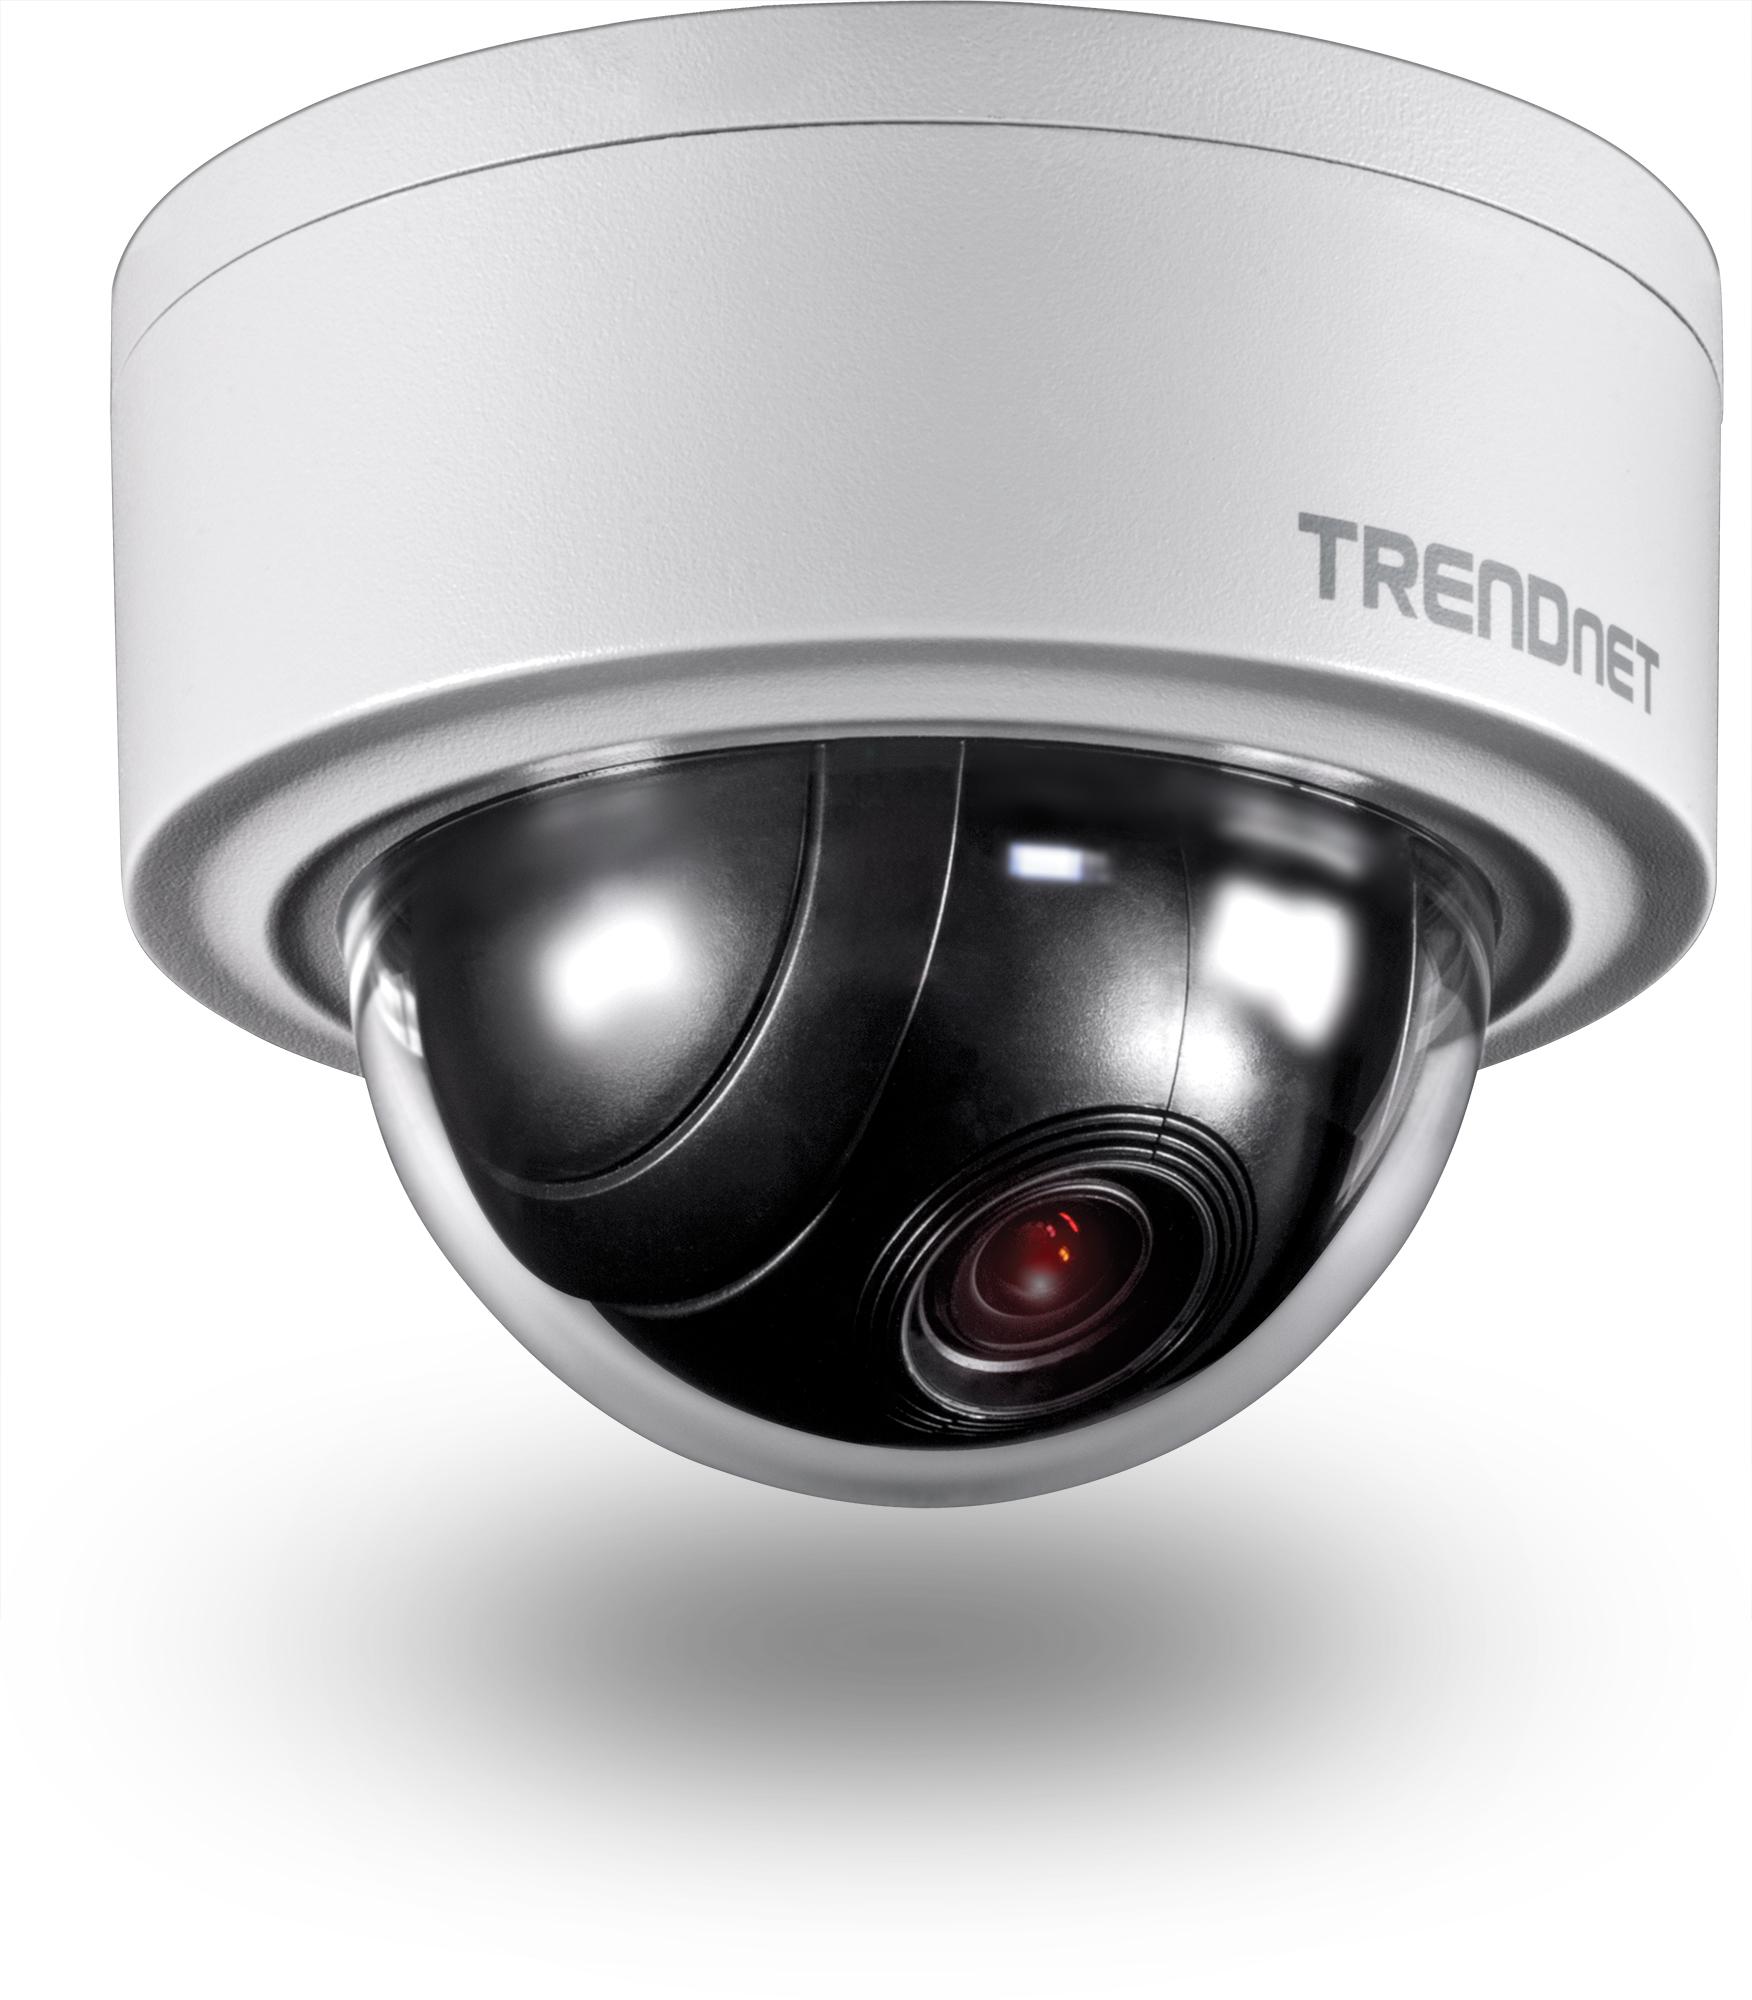 Trendnet TV-IP420P cámara de vigilancia Cámara de seguridad IP Exterior Almohadilla Techo 2048 x 1536 Pixeles